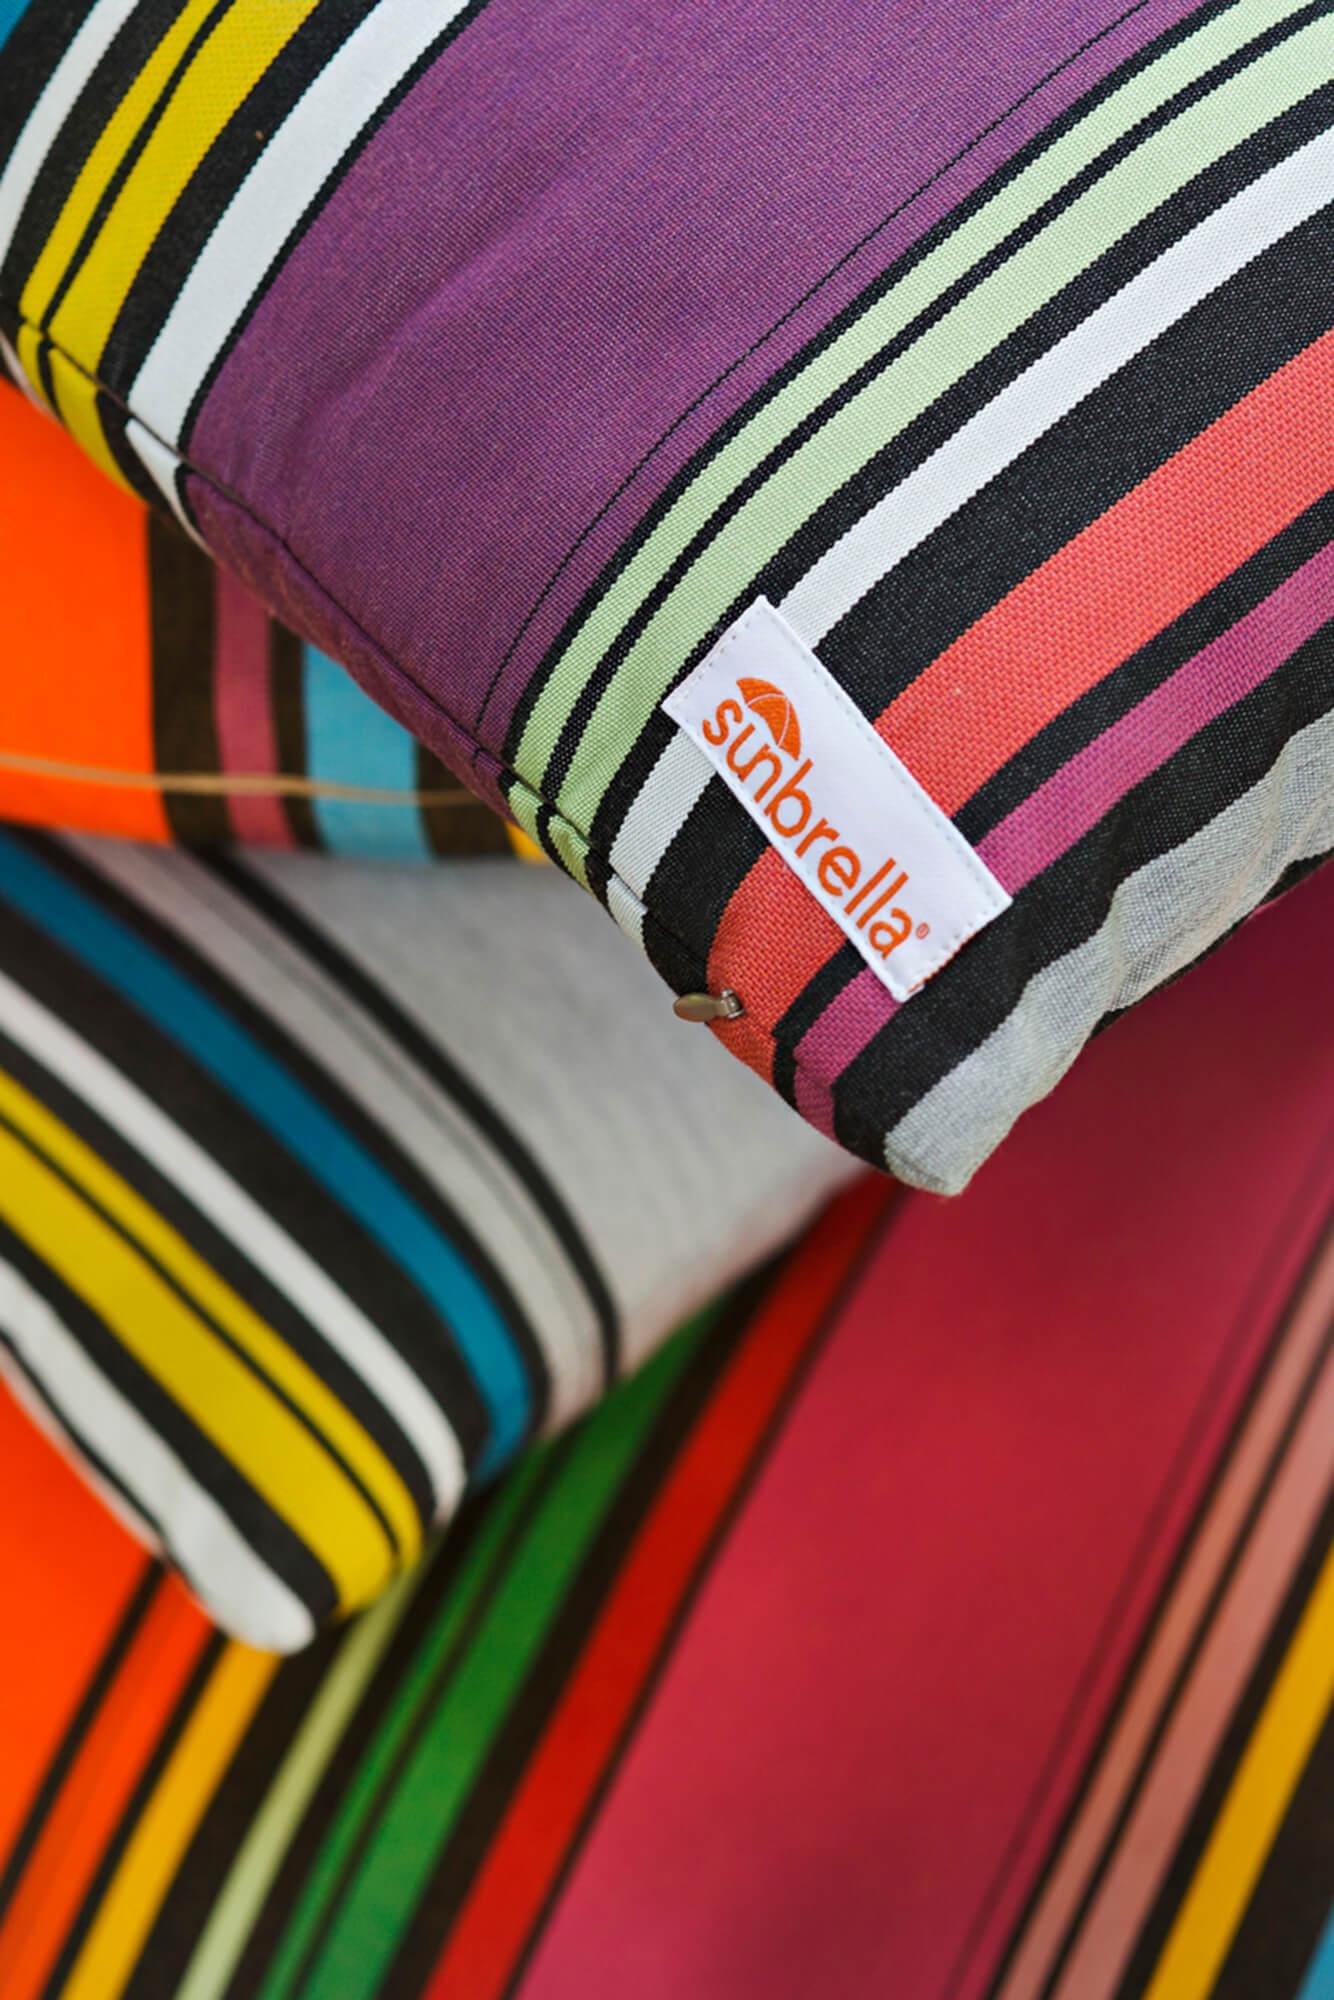 ภาพขยายของหมอนลายทางทำจากผ้าในคอลเลกชัน Sunbrella Icon